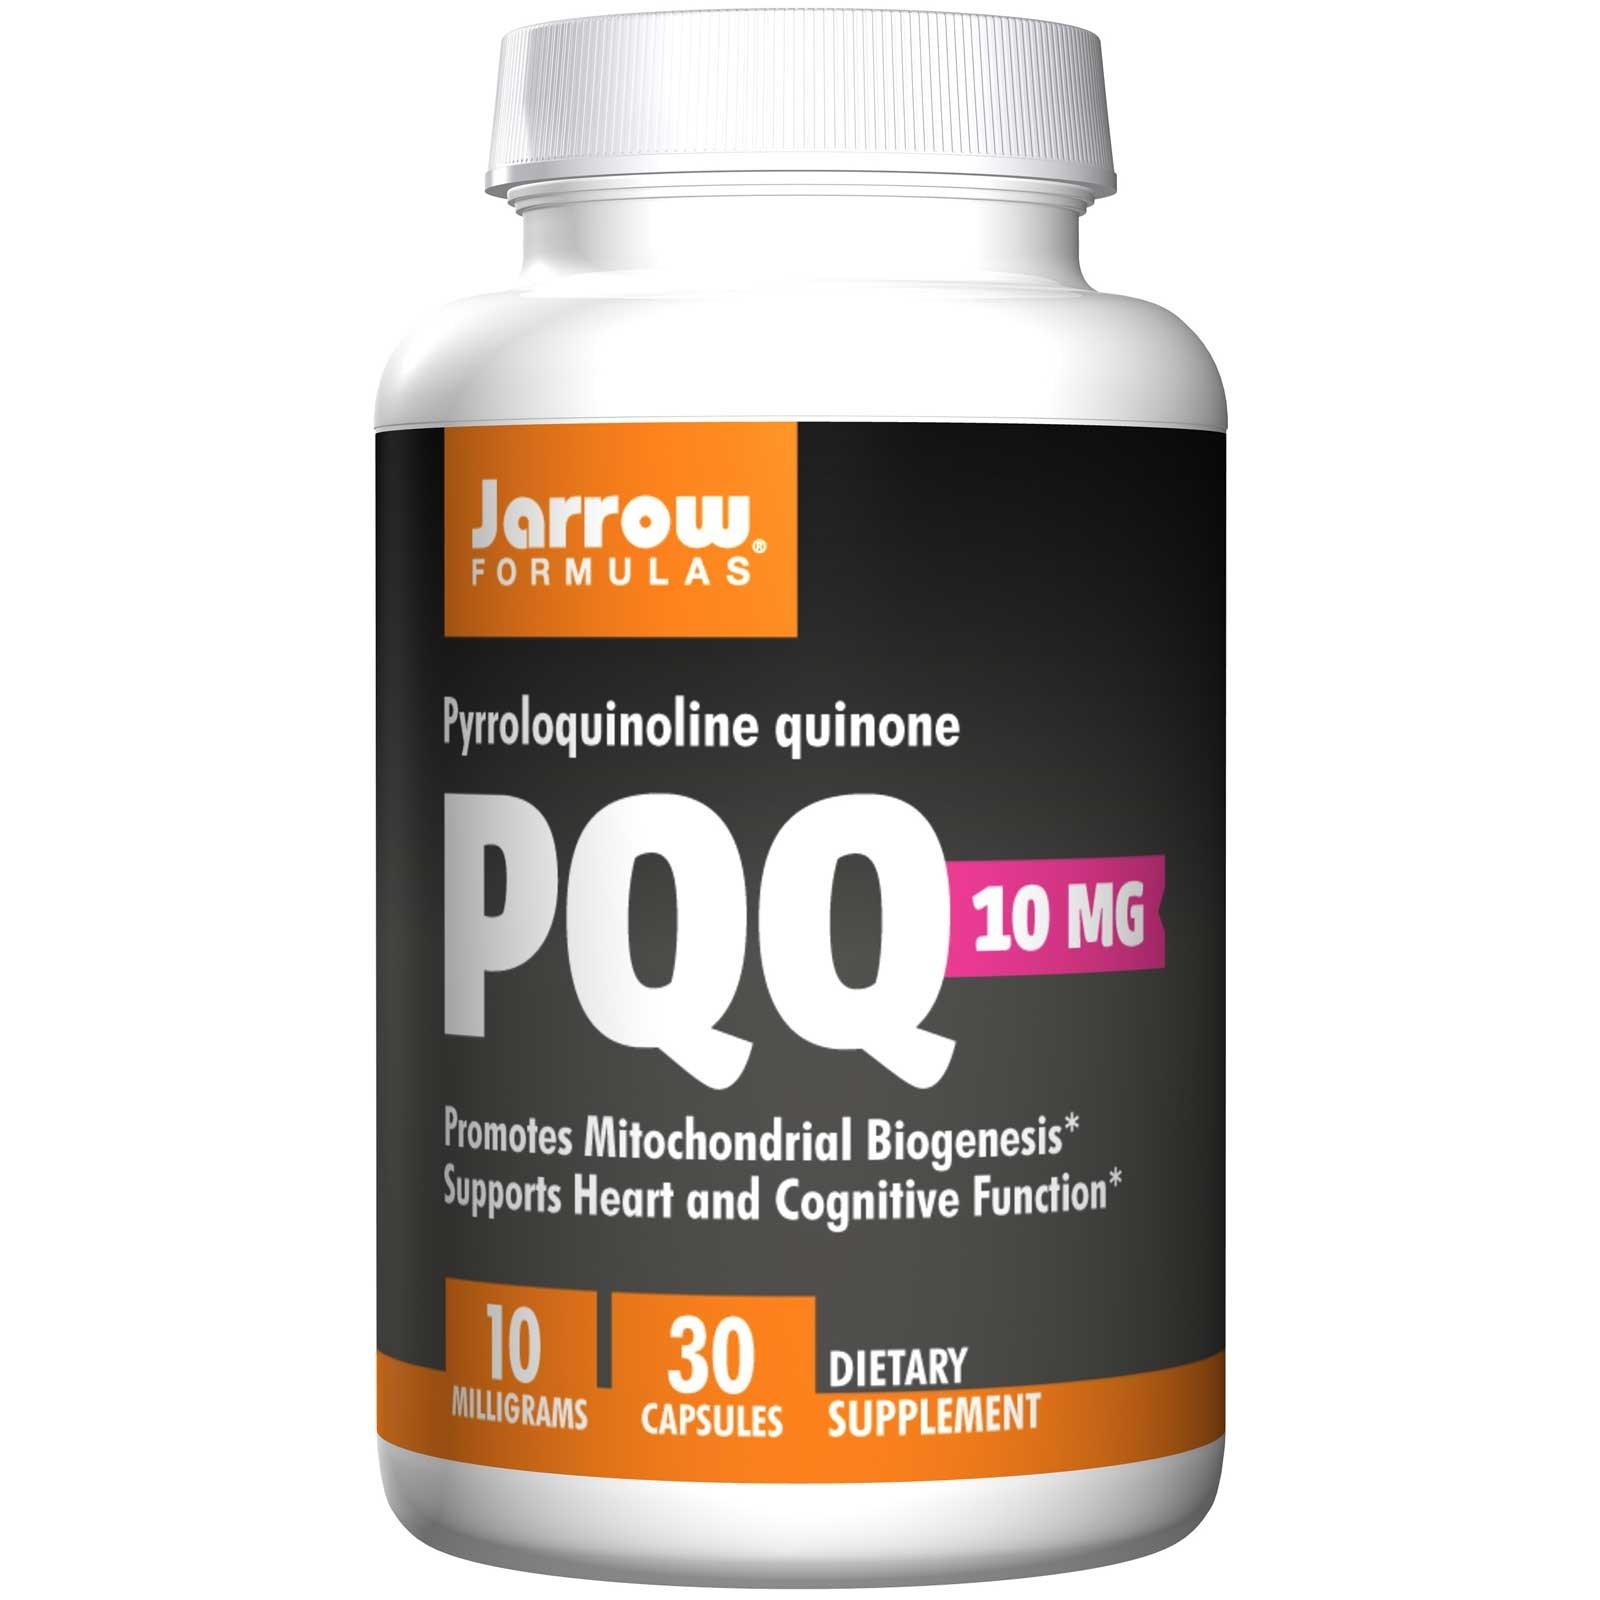 Image of PQQ (Pyrroloquinoline Quinone) 10 mg (30 Capsules) - Jarrow Formulas 0790011120315